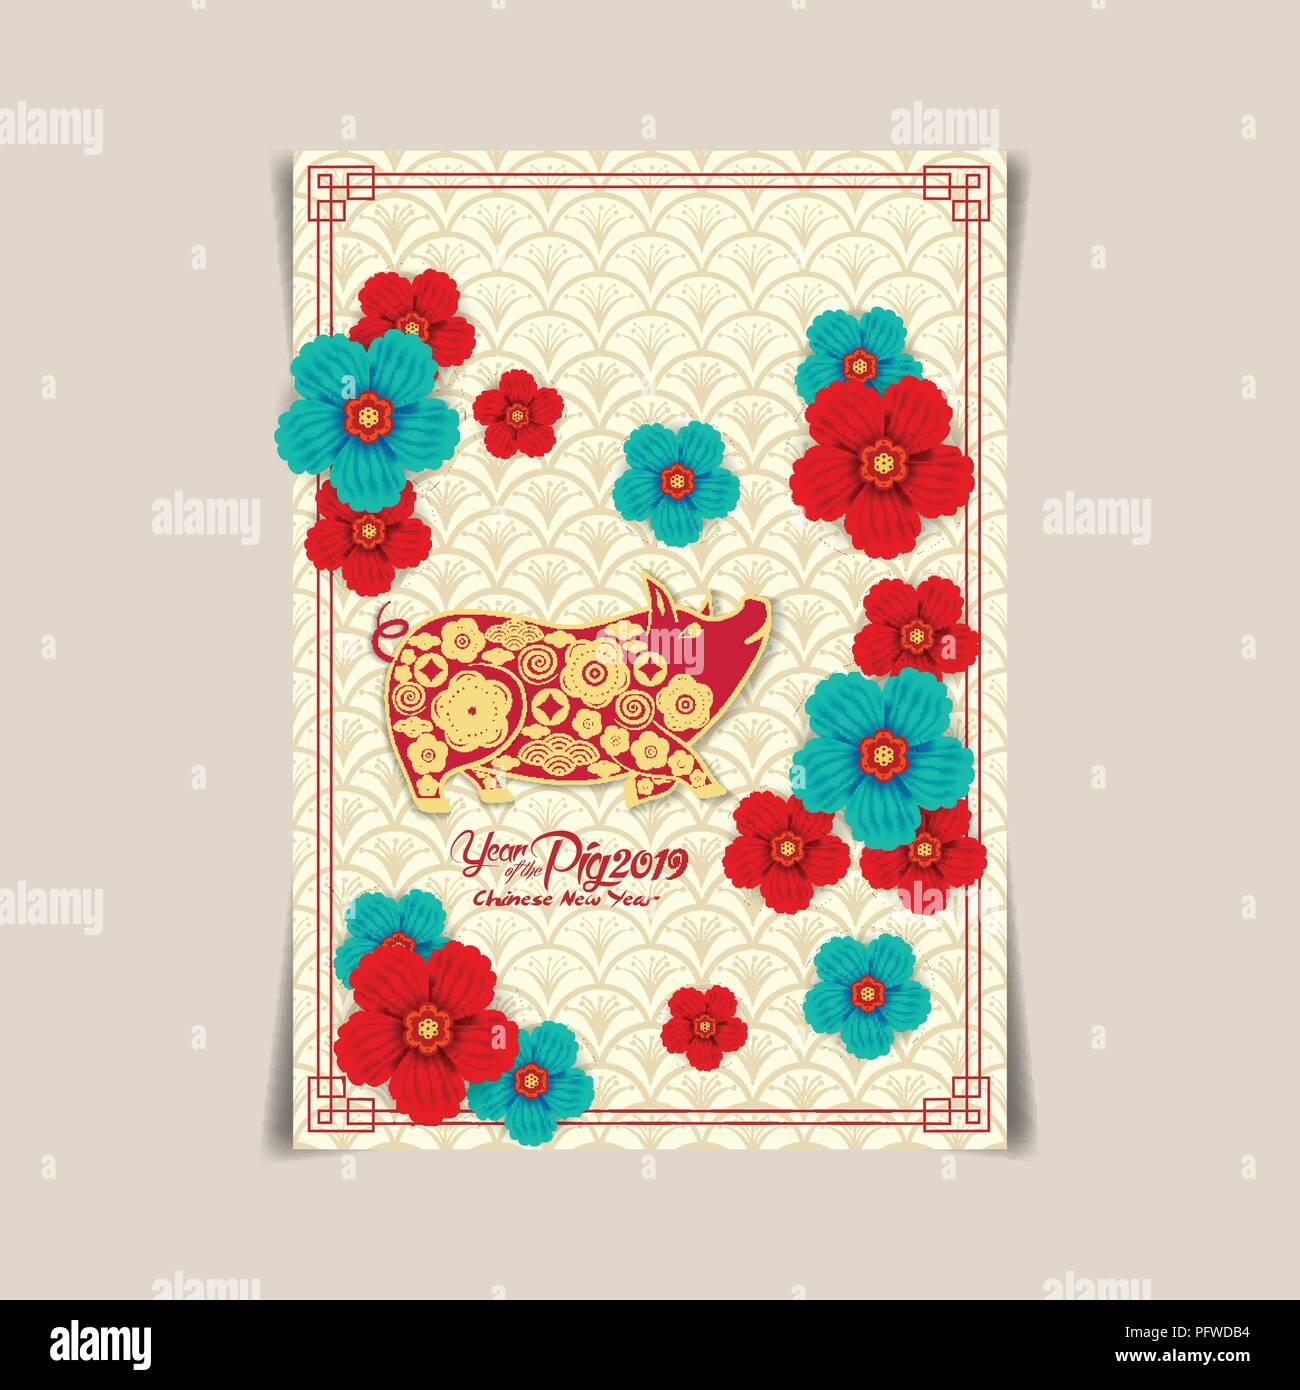 2019 Chinesisches Neues Jahr Gruß Poster, Flyer oder Einladung ...